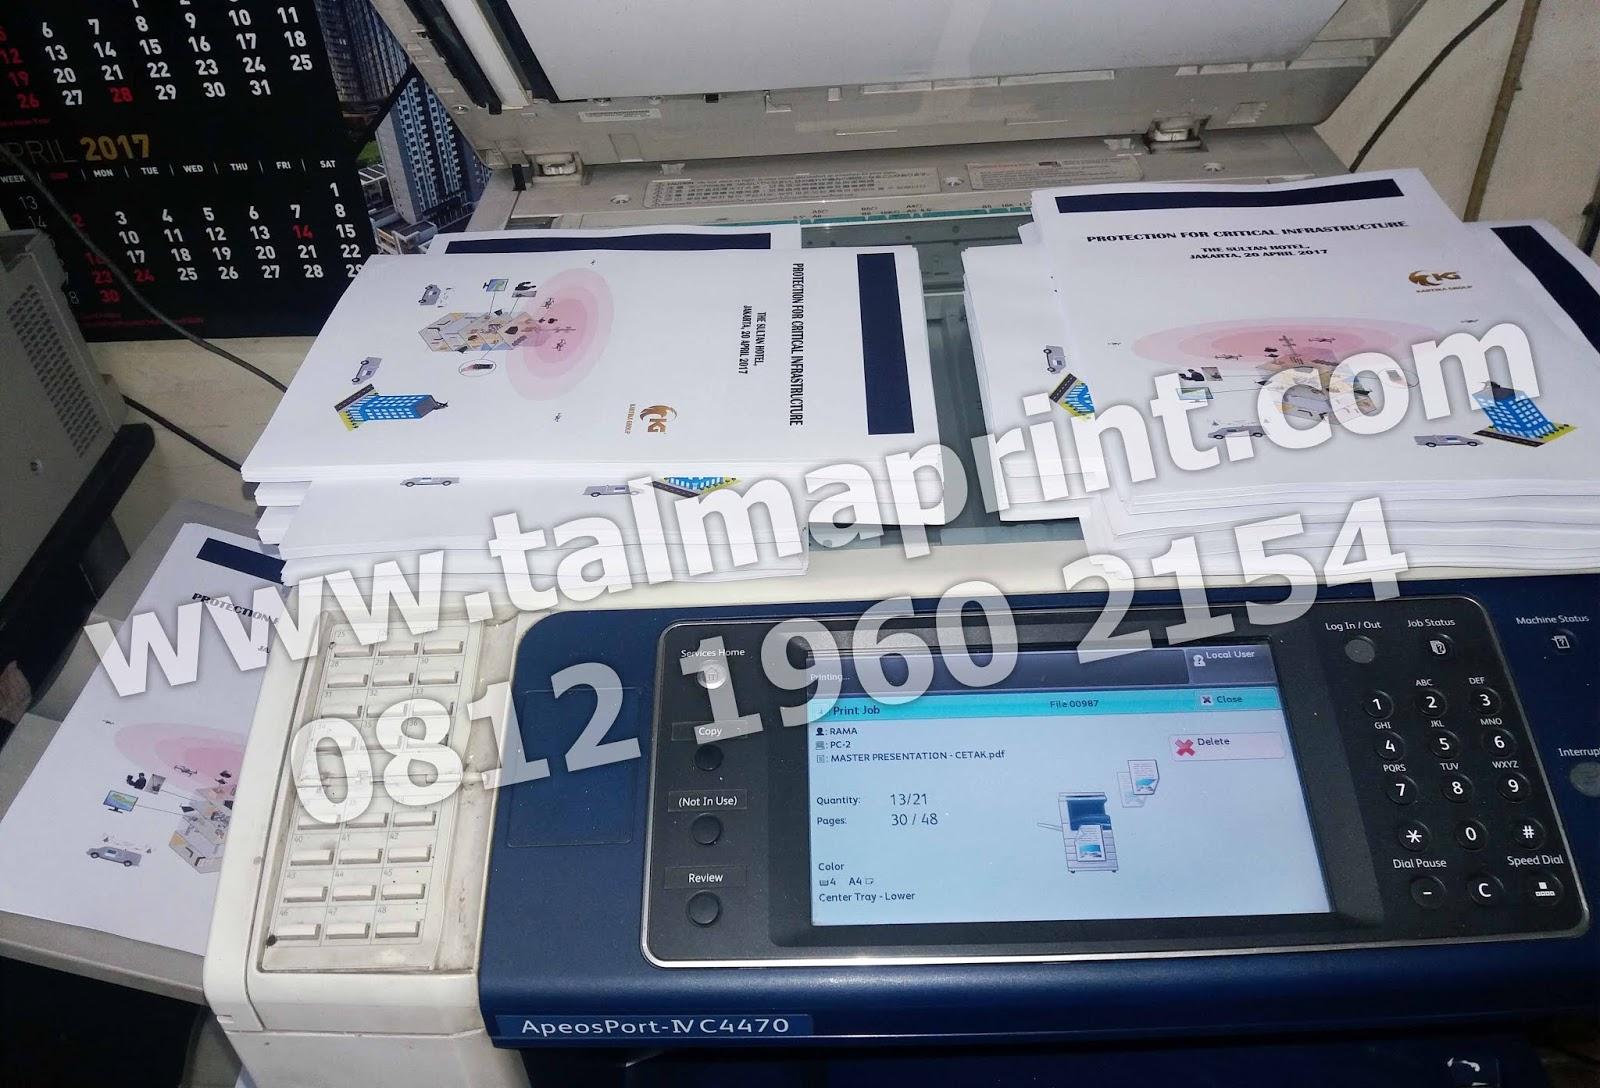 Tempat Jasa Print Murah 24 Jam Di Jakarta Timur Talmaprint Copy Kertas Kantor Hvs F4 70 Gram Surat Documen Tugas Photocopy Kami Bisa Melayani Anda Dengan Sistem Ofline Dan Online